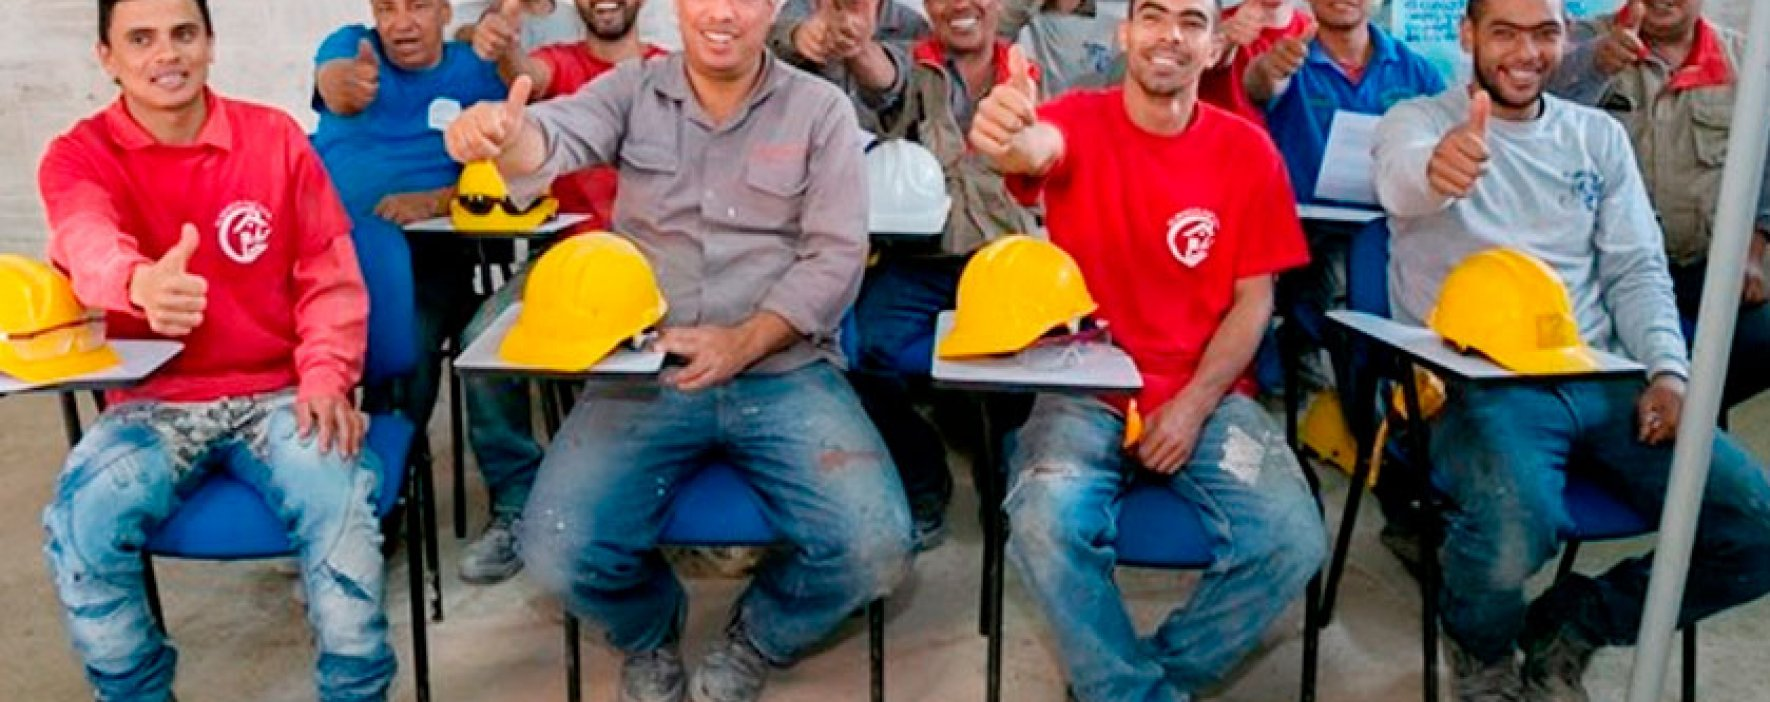 Unesco premia programa 'Obras Escuela' de Camacol por modelo flexible de alfabetización